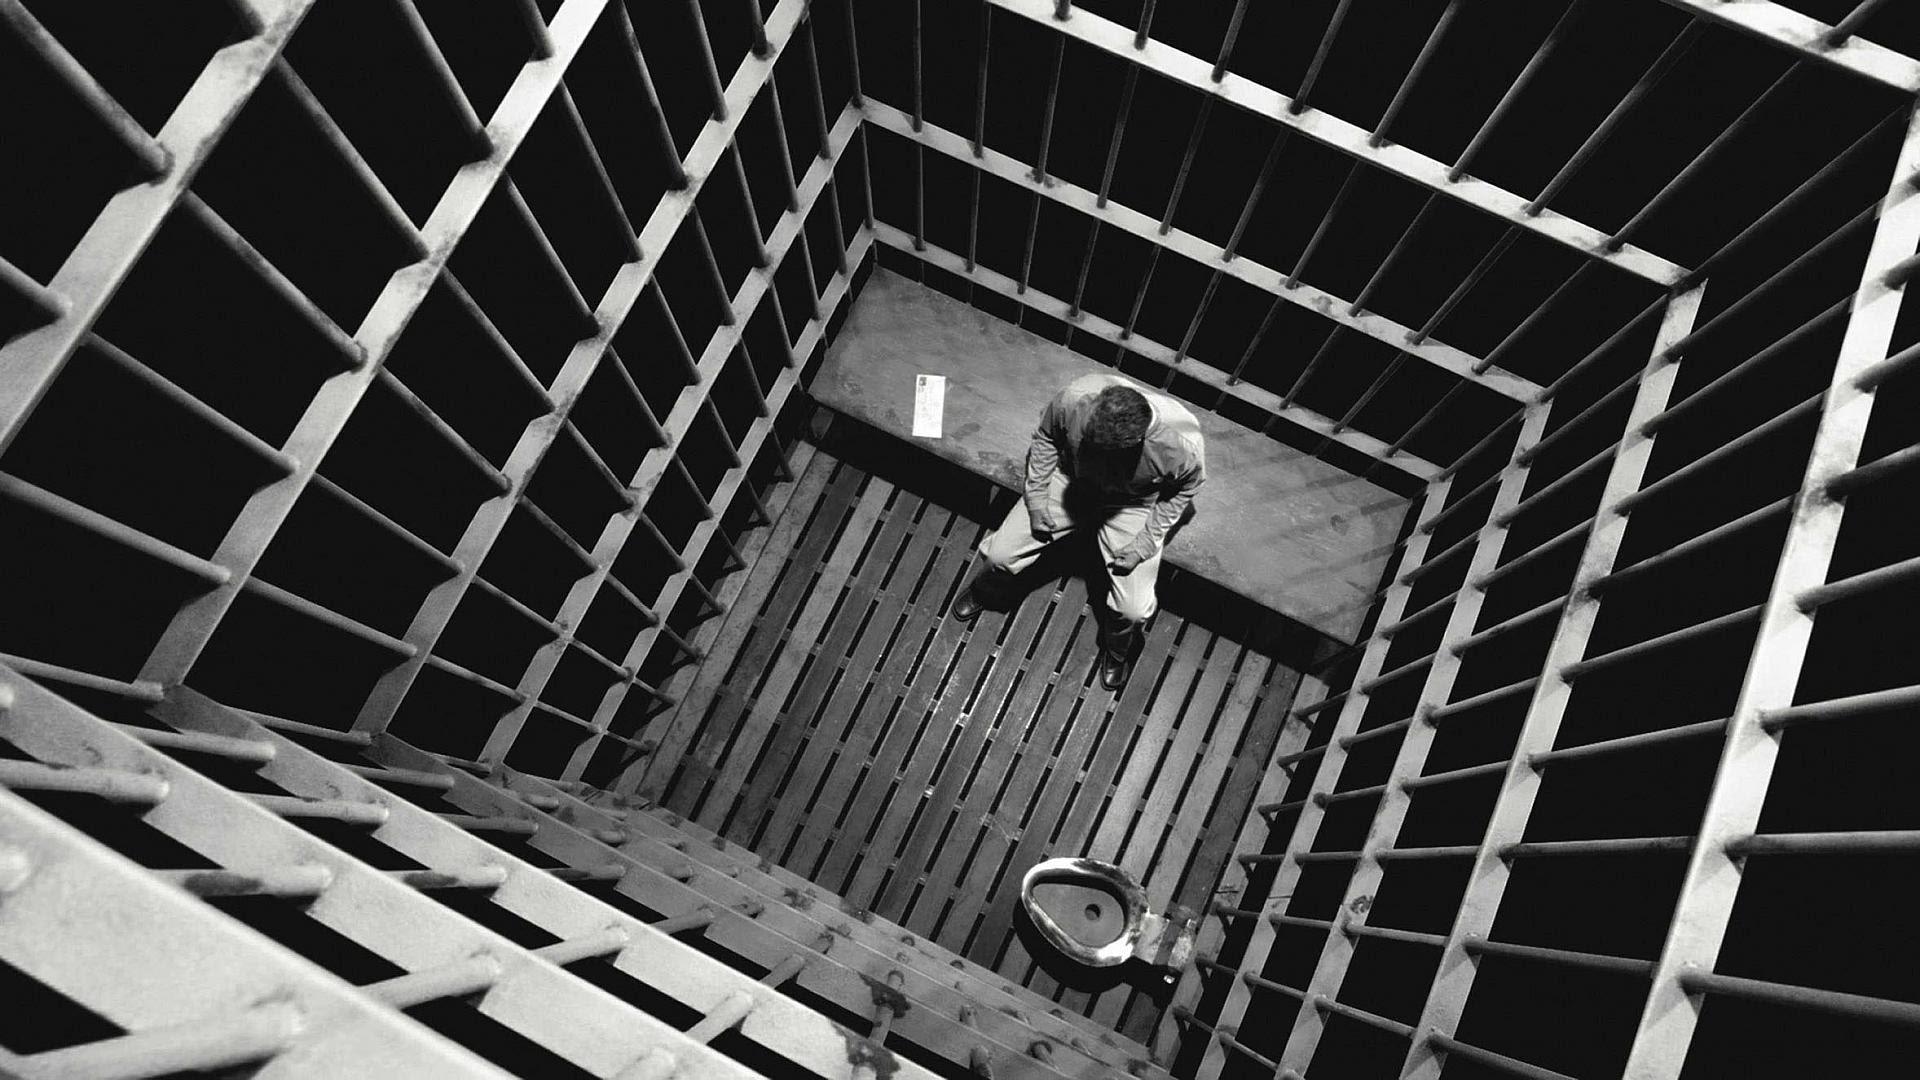 Секс тюремный видео hd навел